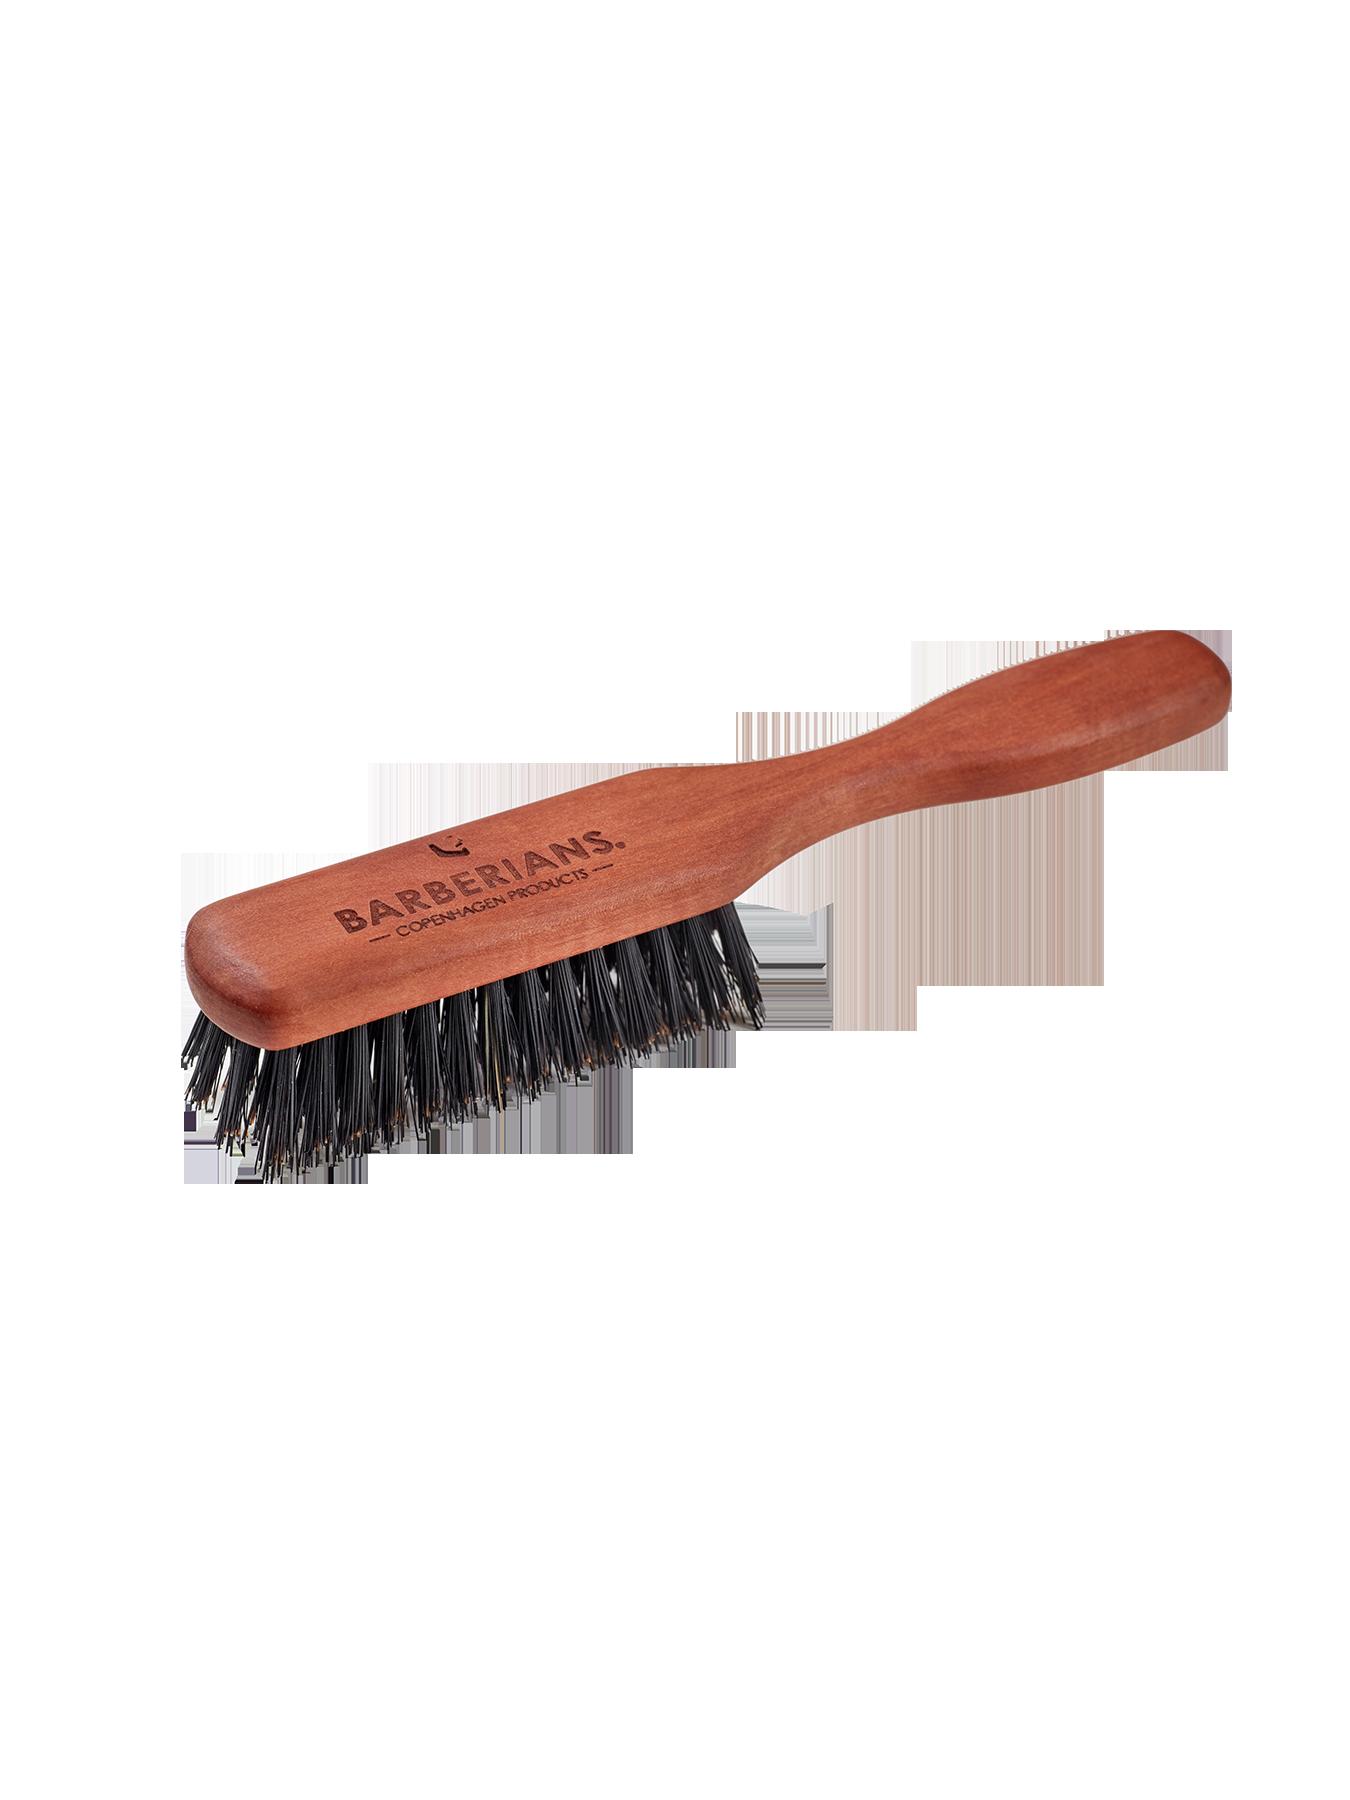 Barberians Copenhagen - Beard Brush - with Handle